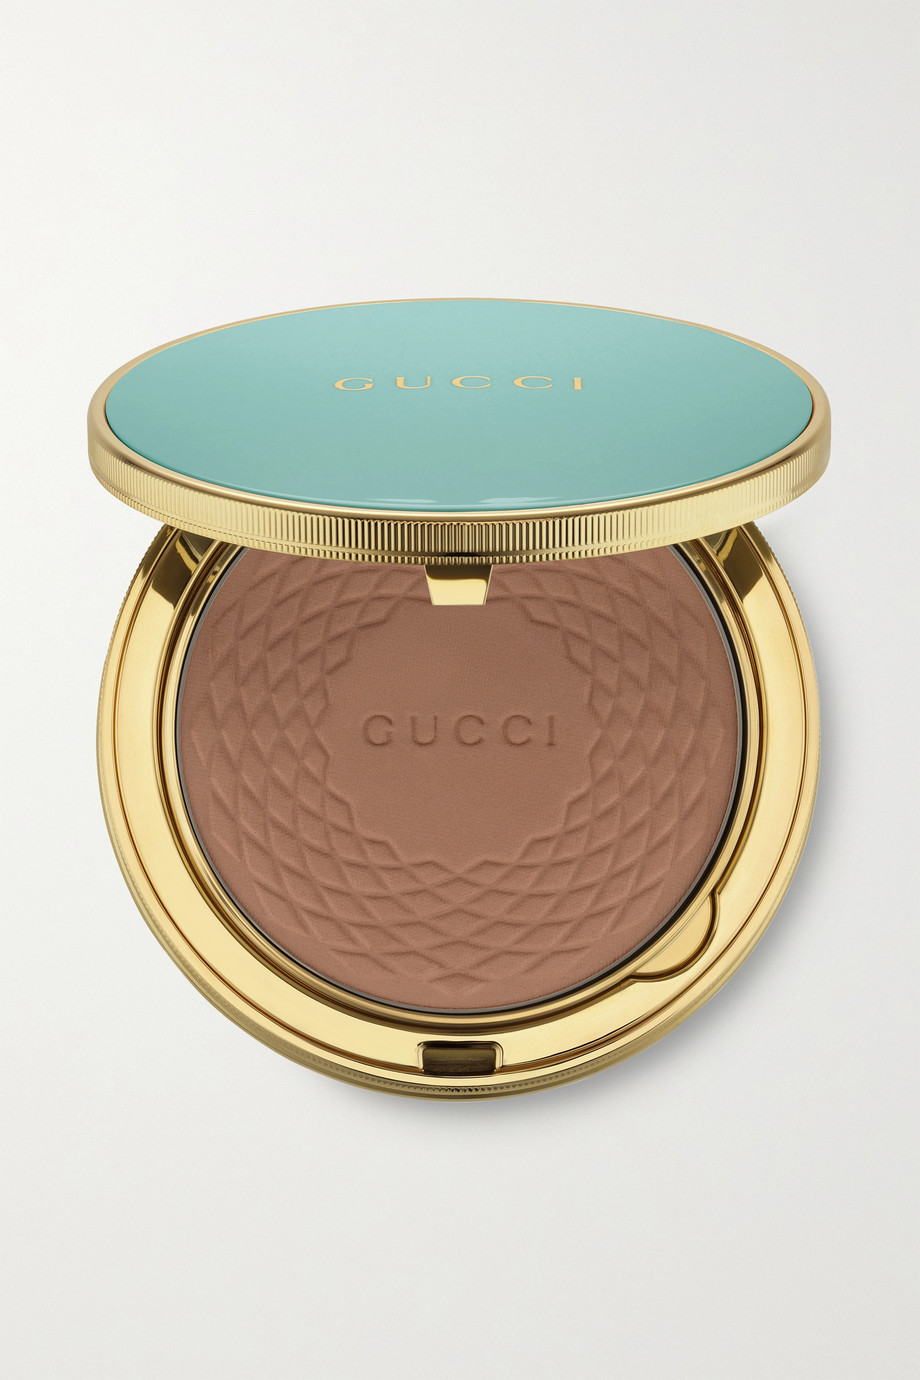 Gucci Beauty Poudre De Beauté Éclat Soleil - 02